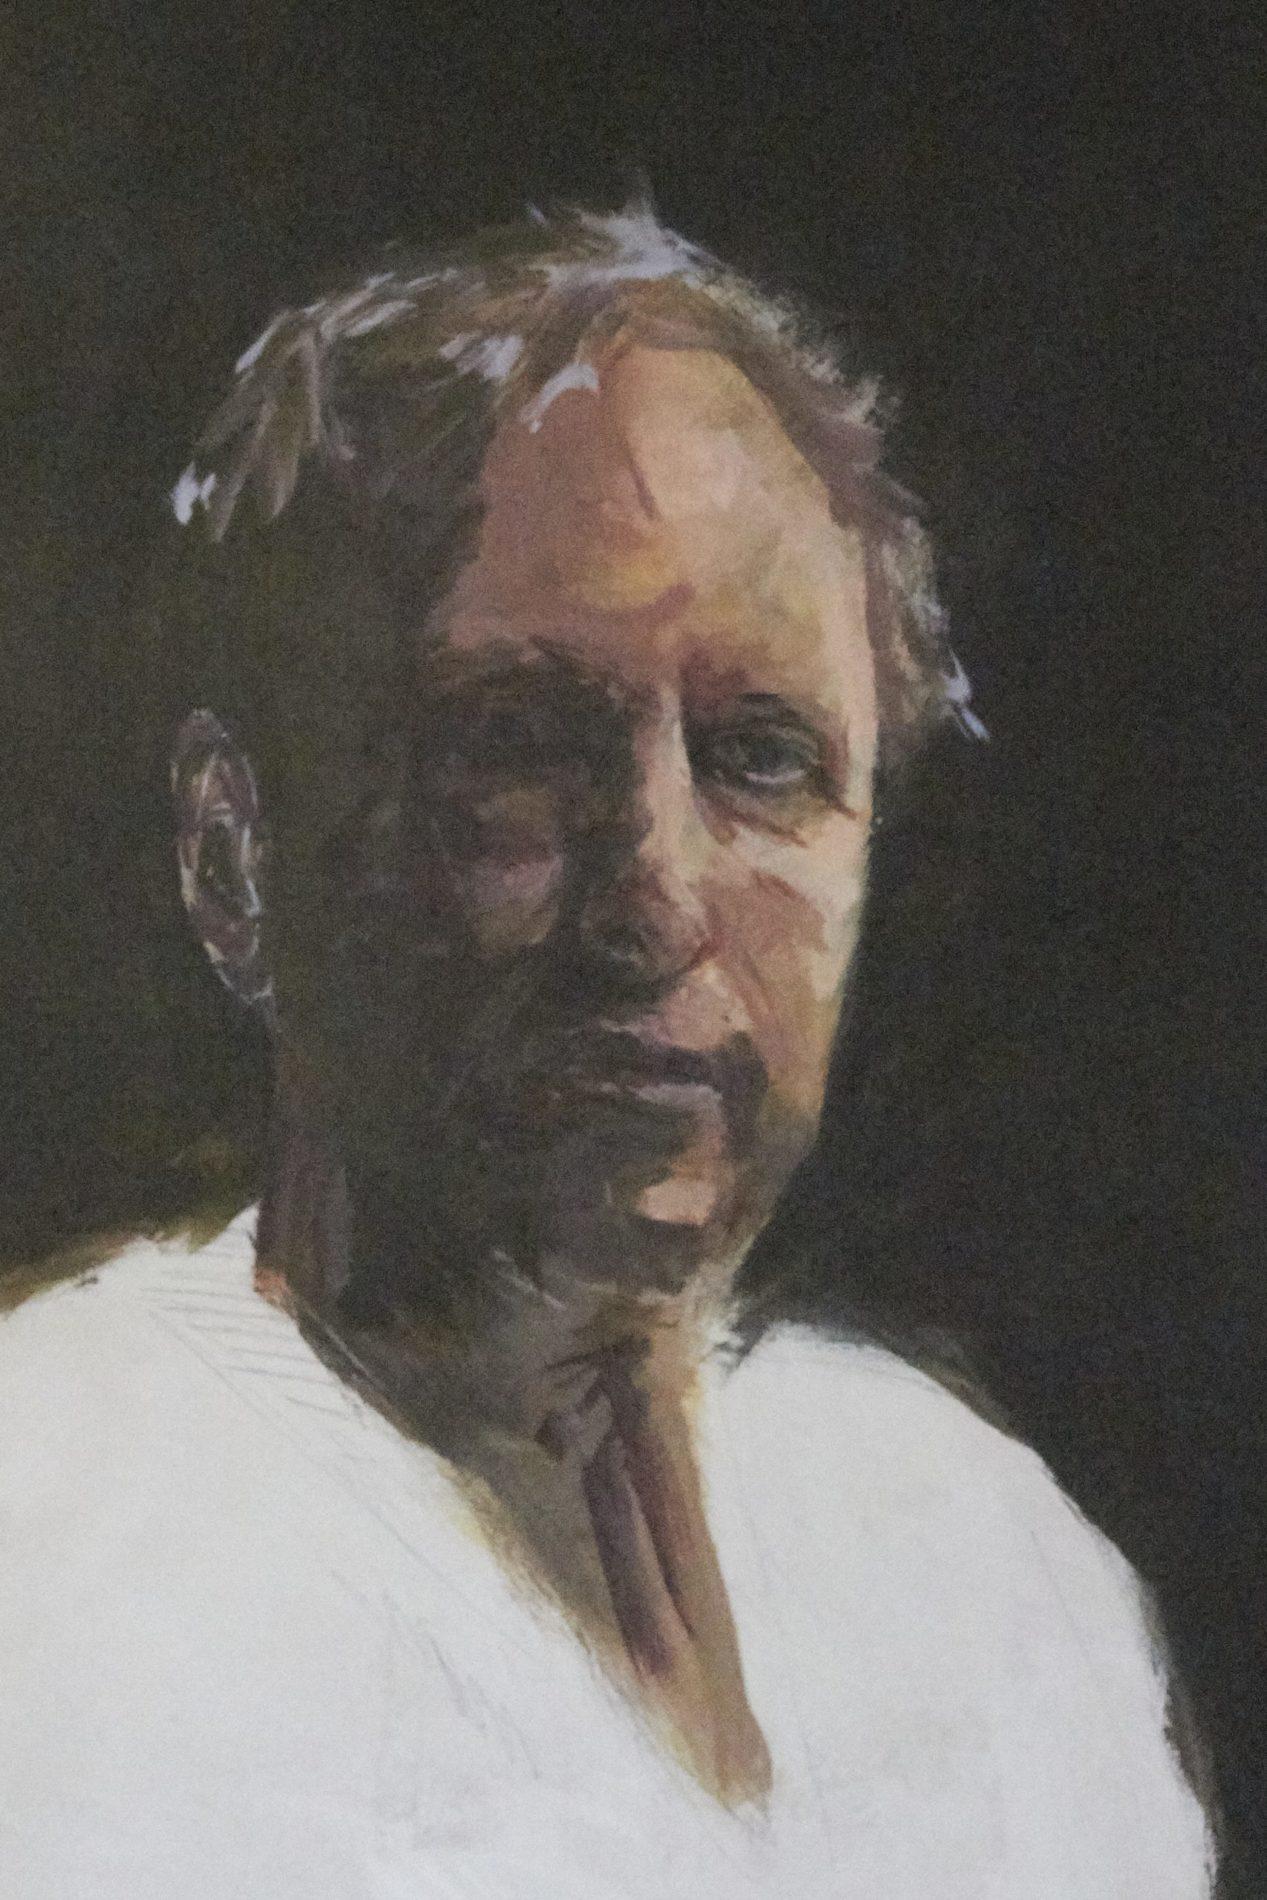 Jeroen Self Portrait - Process-5. ©Jeroen Carelse